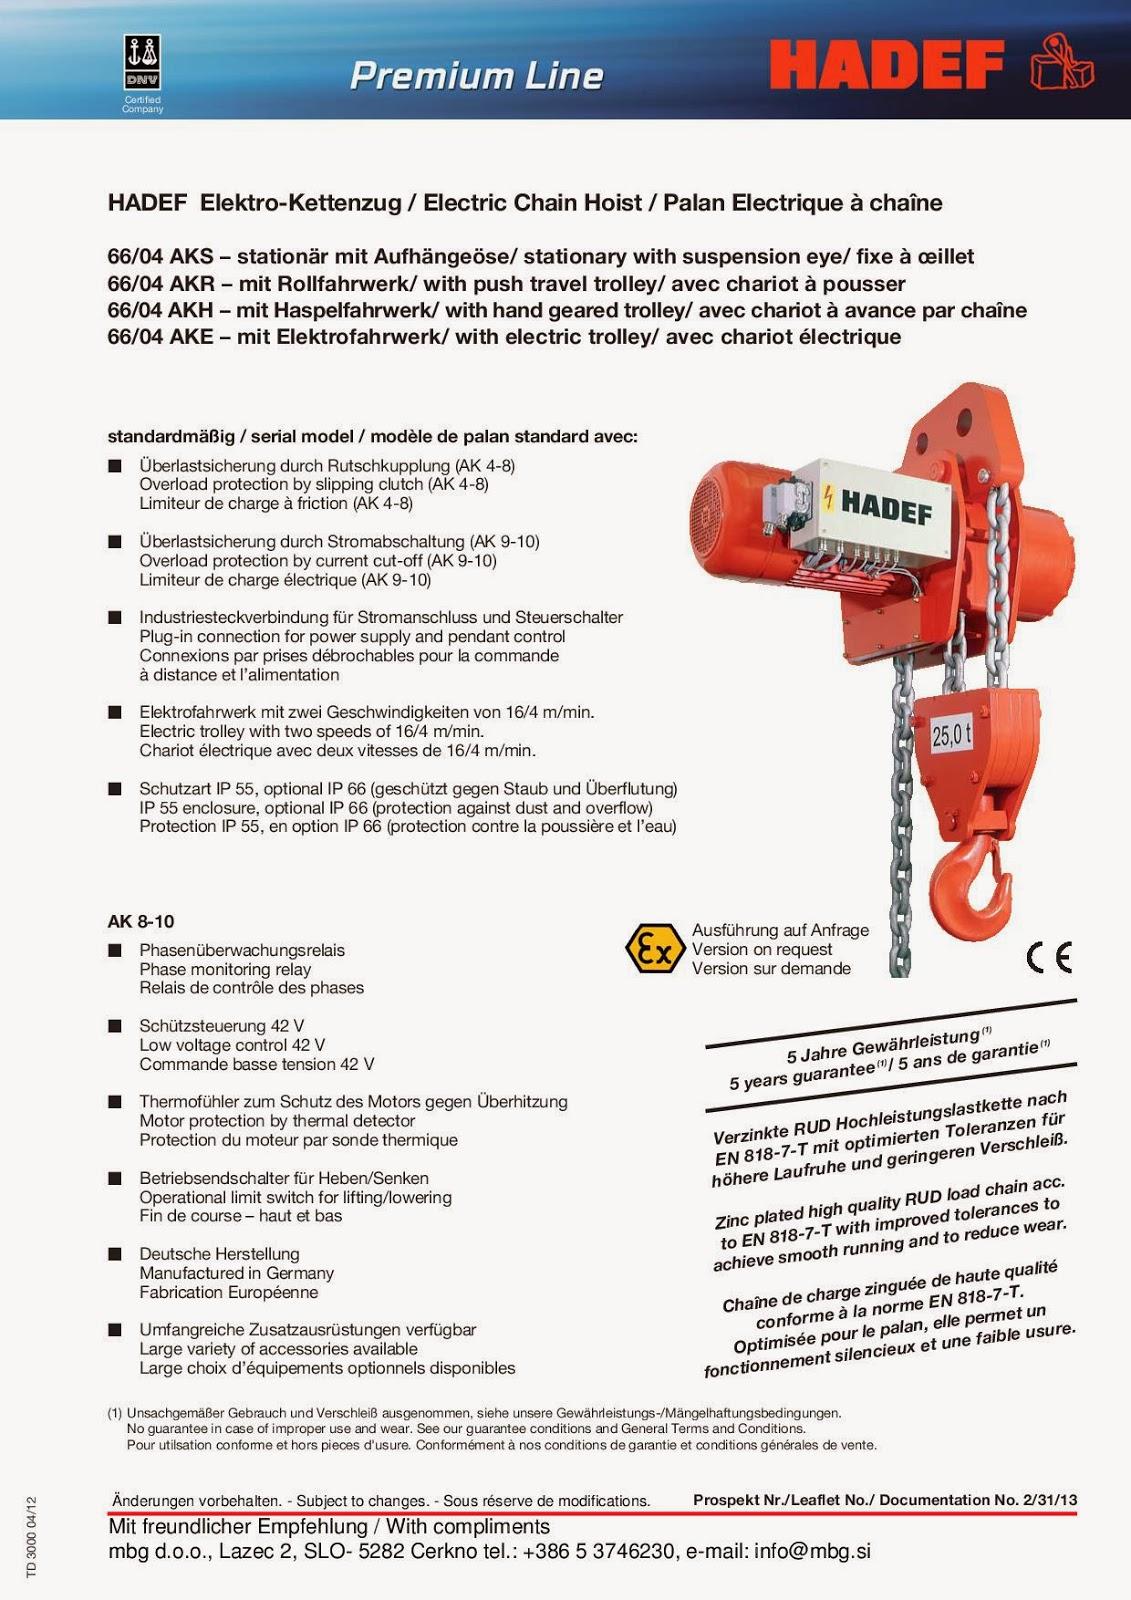 Elektro-Kettenzug / Electric Chain Hoist / Palan Electrique à chaîne - 1